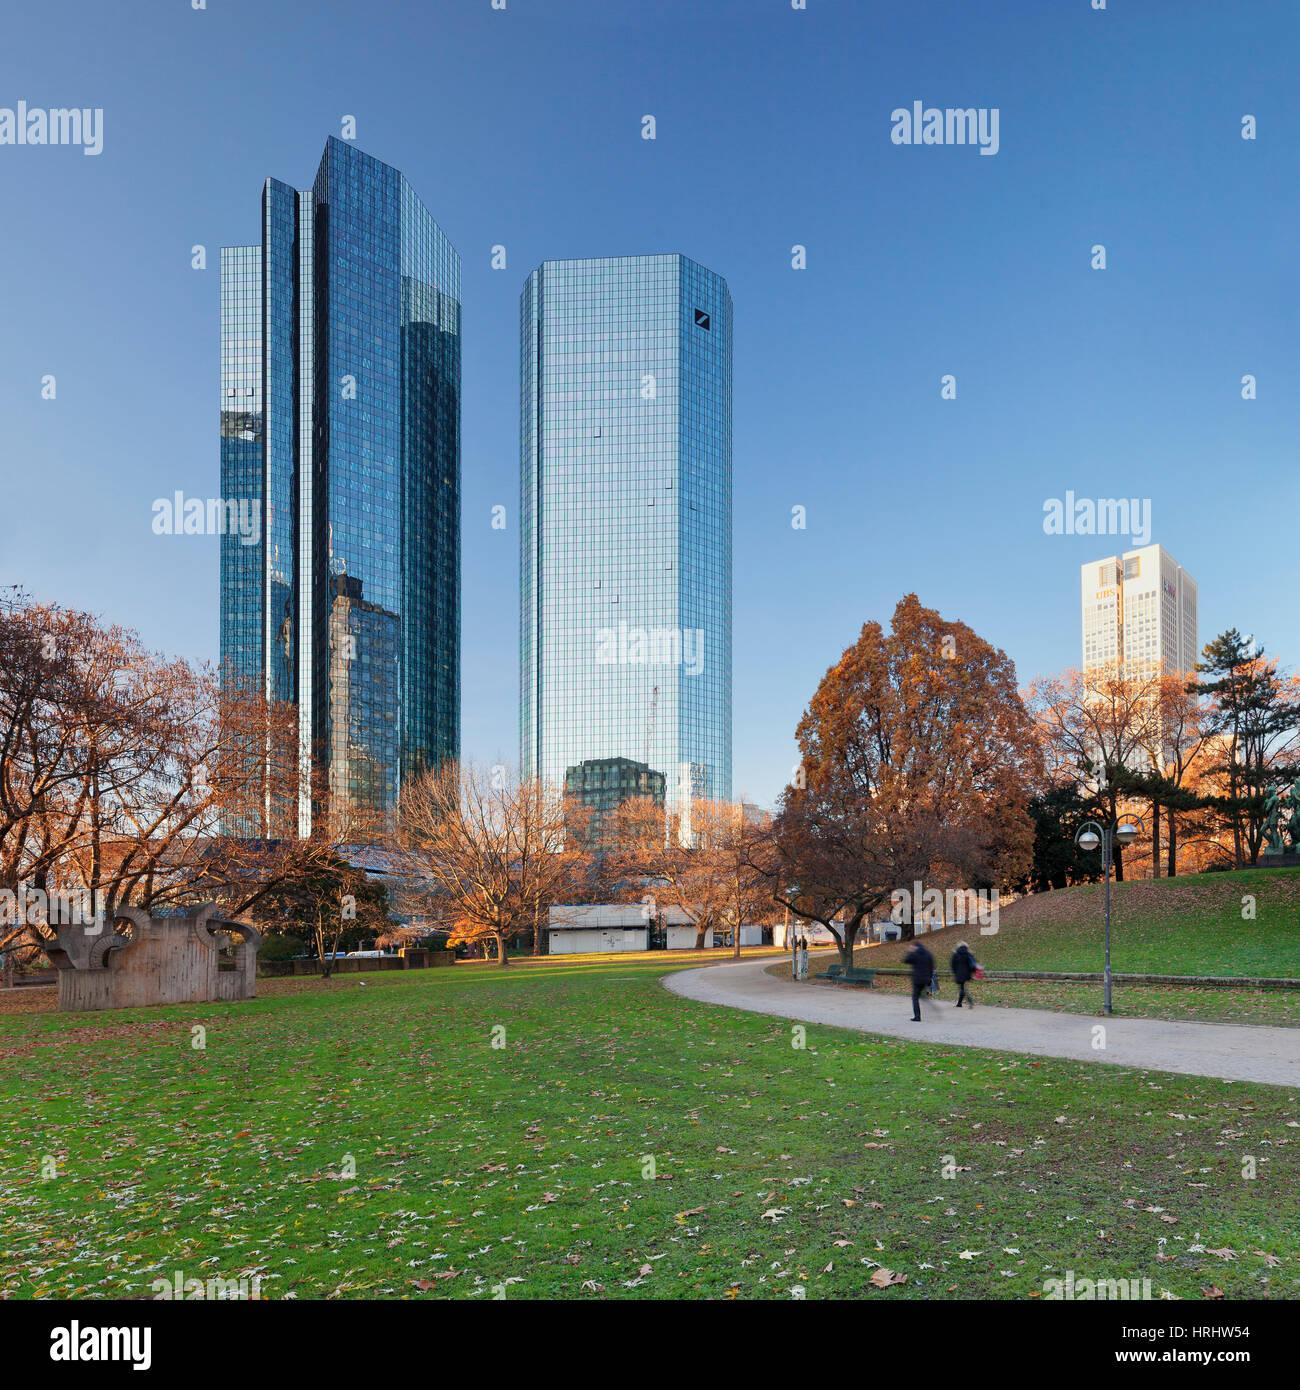 Taunusanlage Park mit Deutsche Bank und Opernturm Wolkenkratzer, Frankfurt am Main, Hessen, Deutschland Stockbild